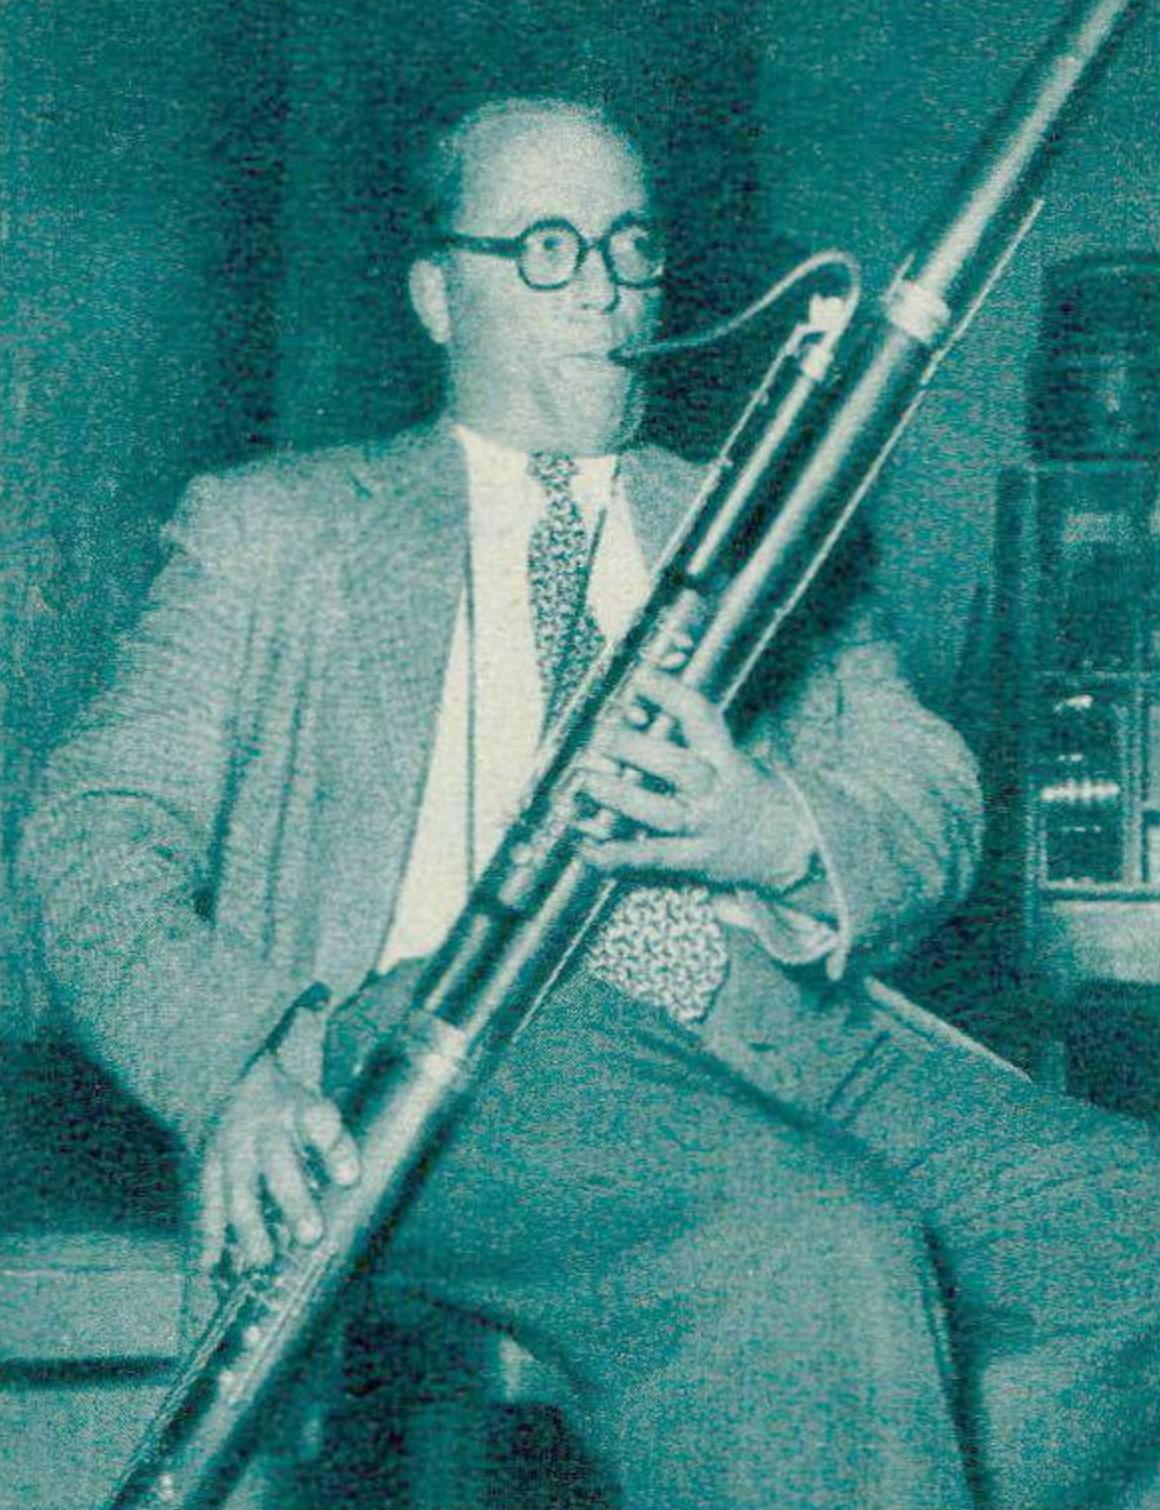 Henri HELAERTS, basson-solo de l'Orchestre de la Suisse Romande, vers 1957 - Photo Bertrand publiée - entre autres - dans la revue Radio Je vois tout, 9 mai 1957, p. 28